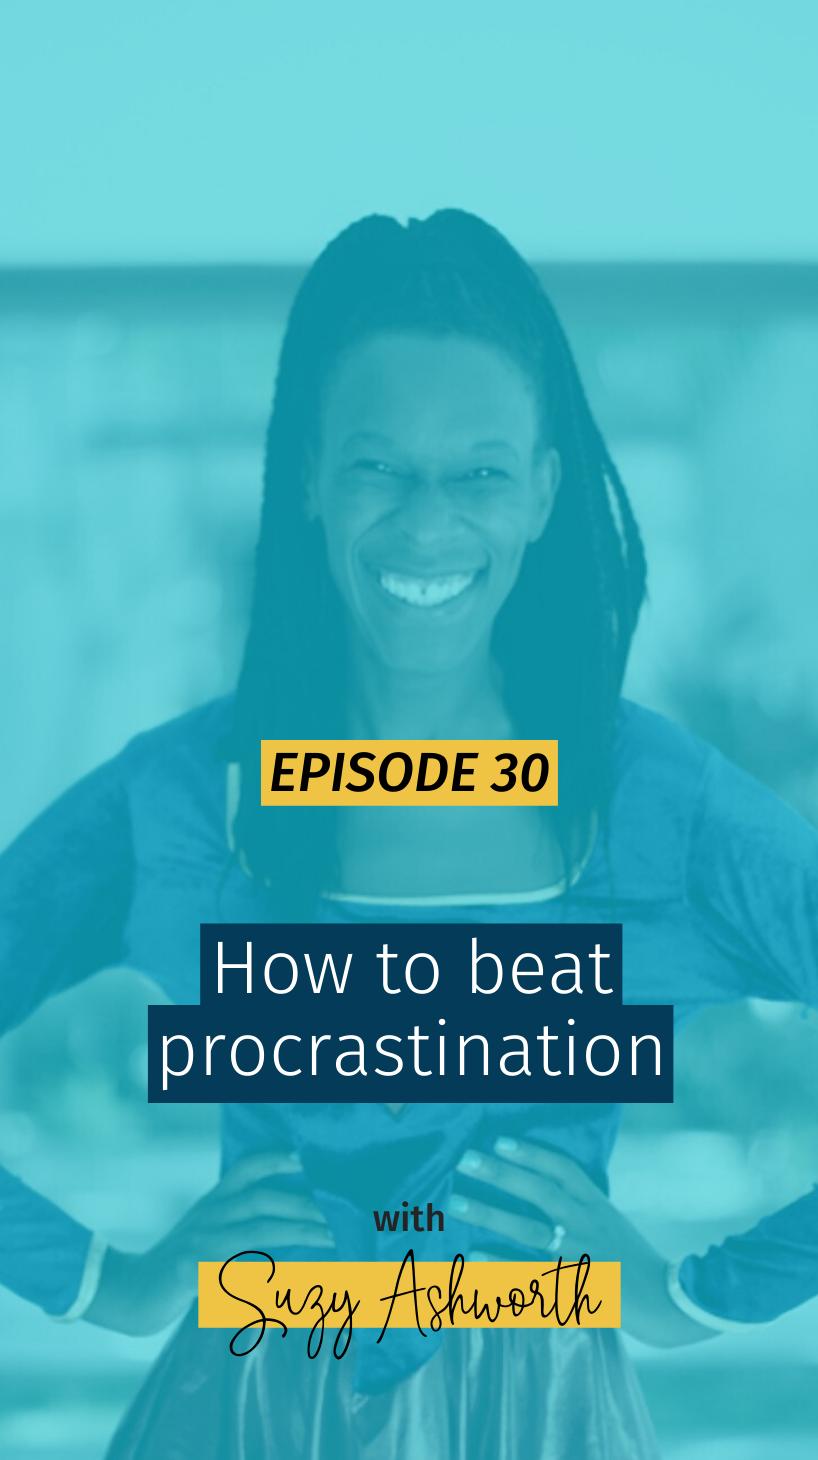 030 How to beat procrastination